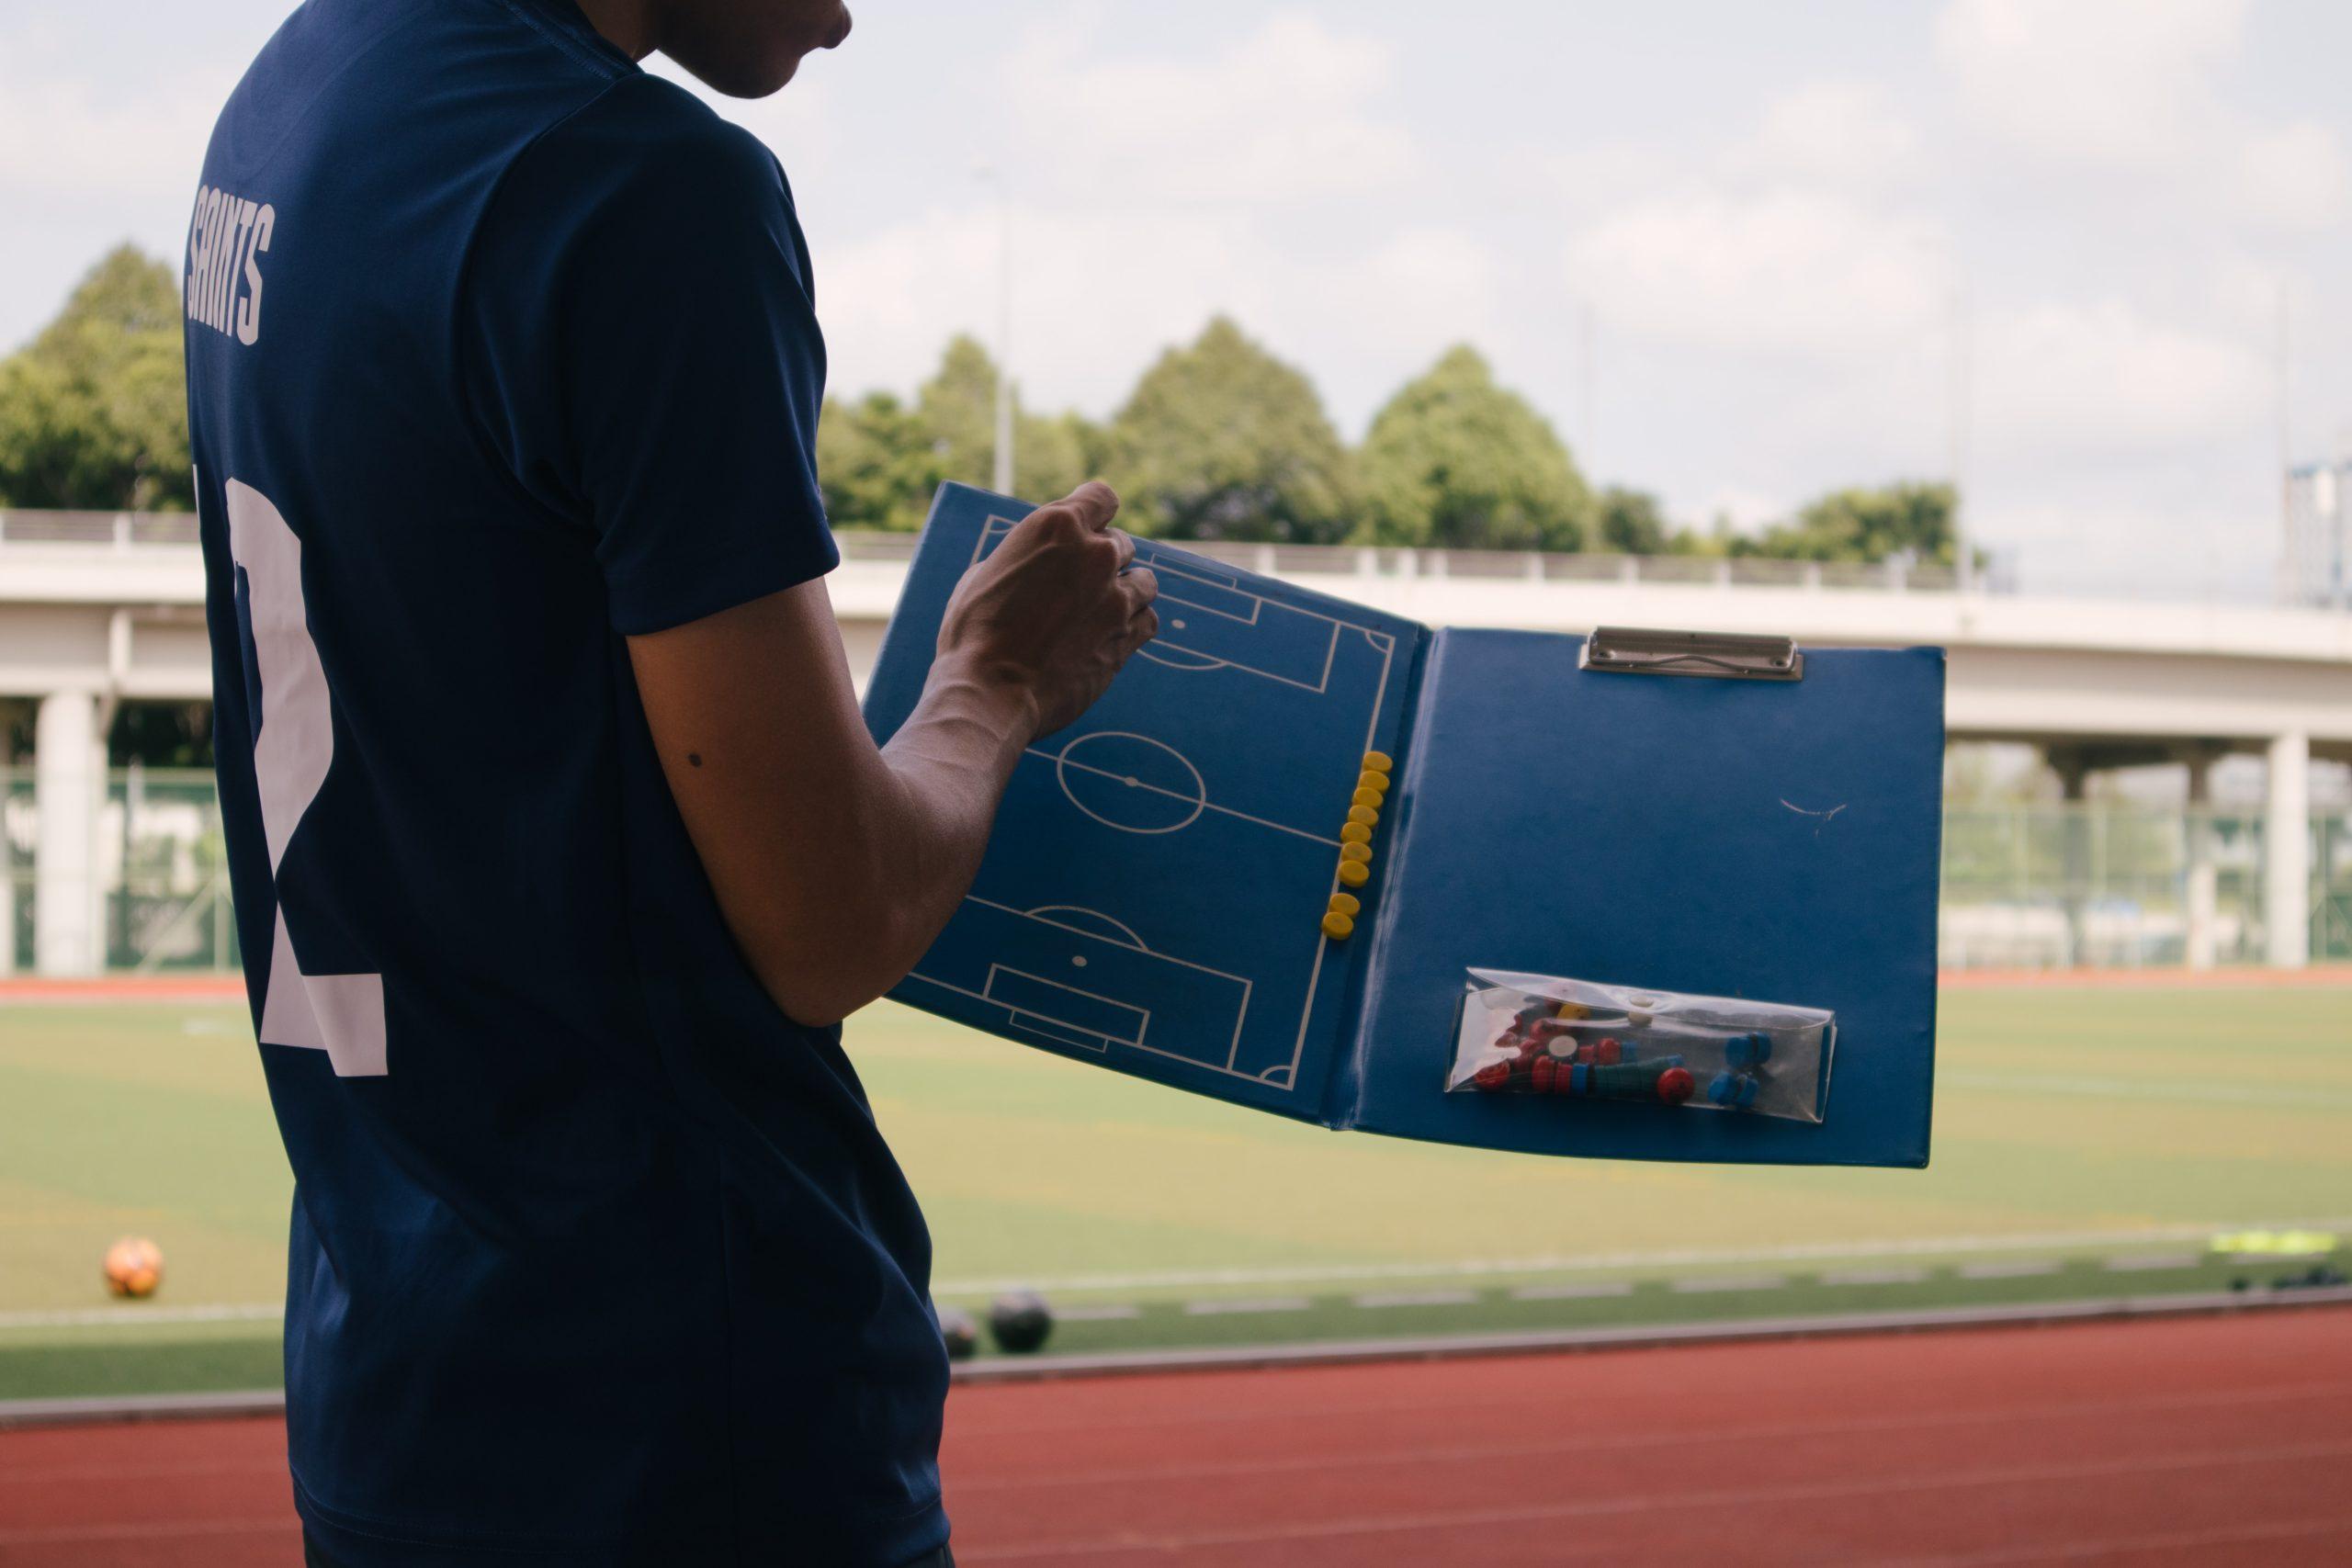 Fußballtrainer erklärt Spielplan